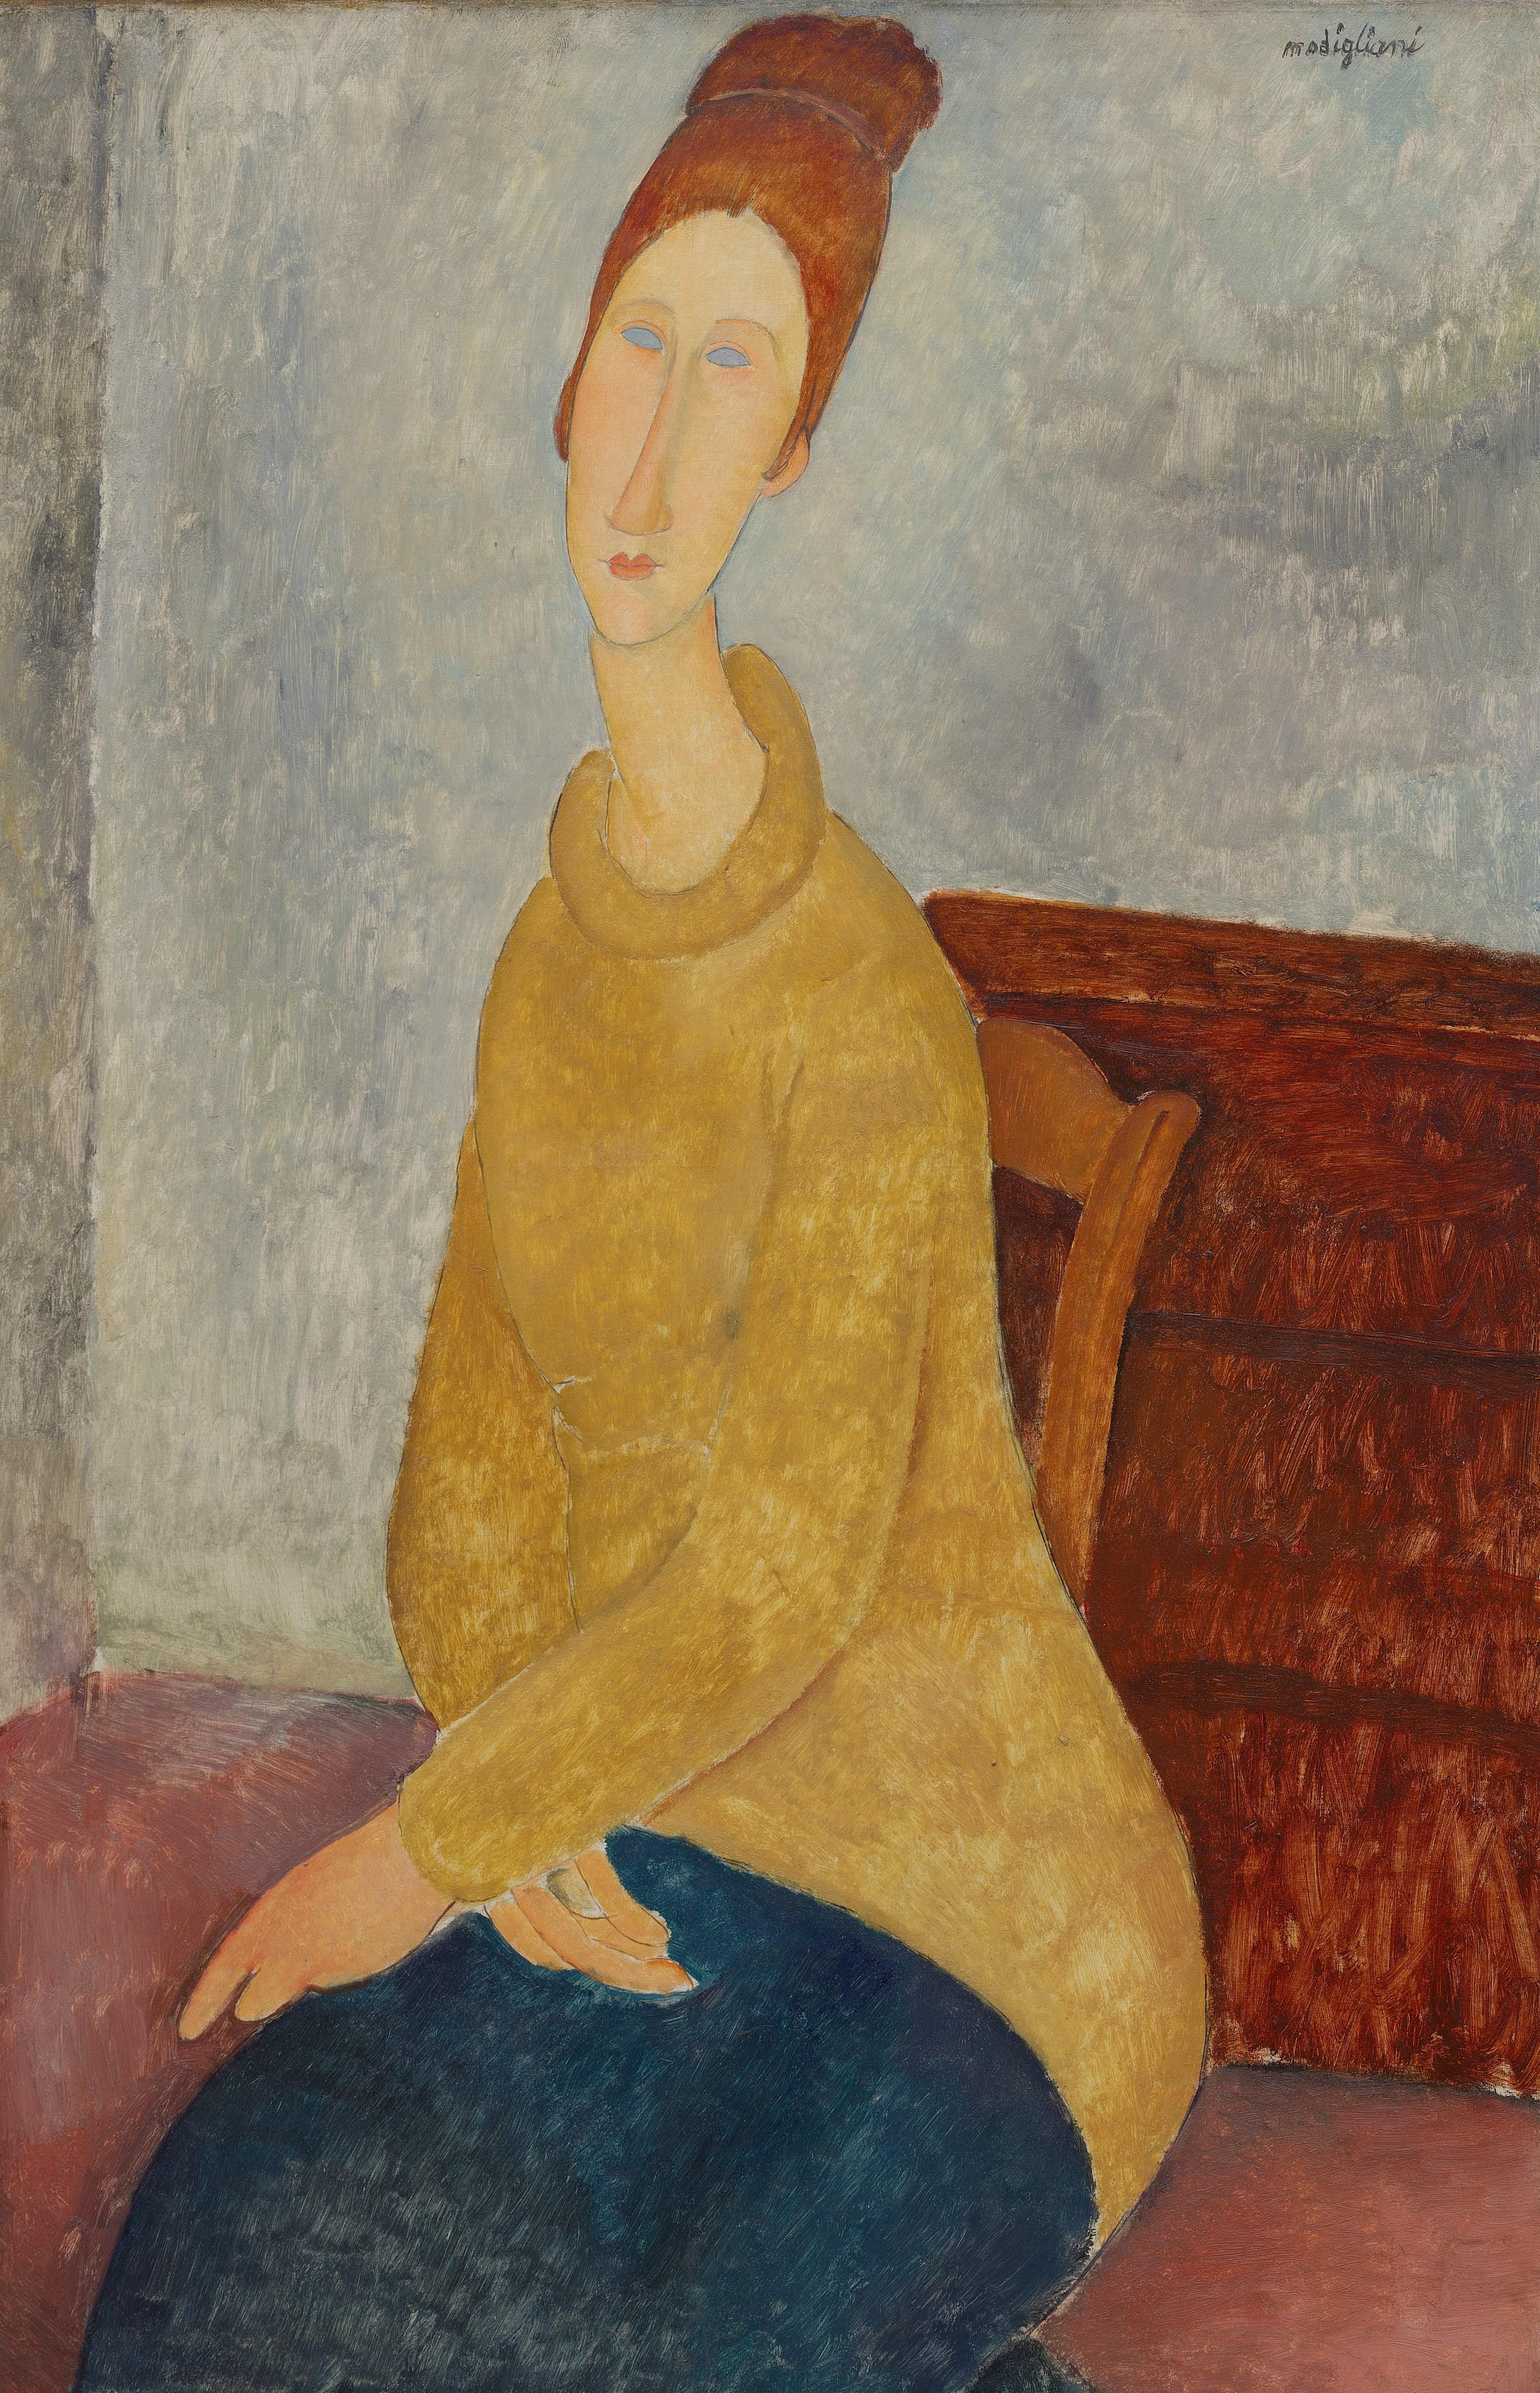 莫迪里亞尼,《黃色毛衣的蔣妮.艾必丹納》,1920。